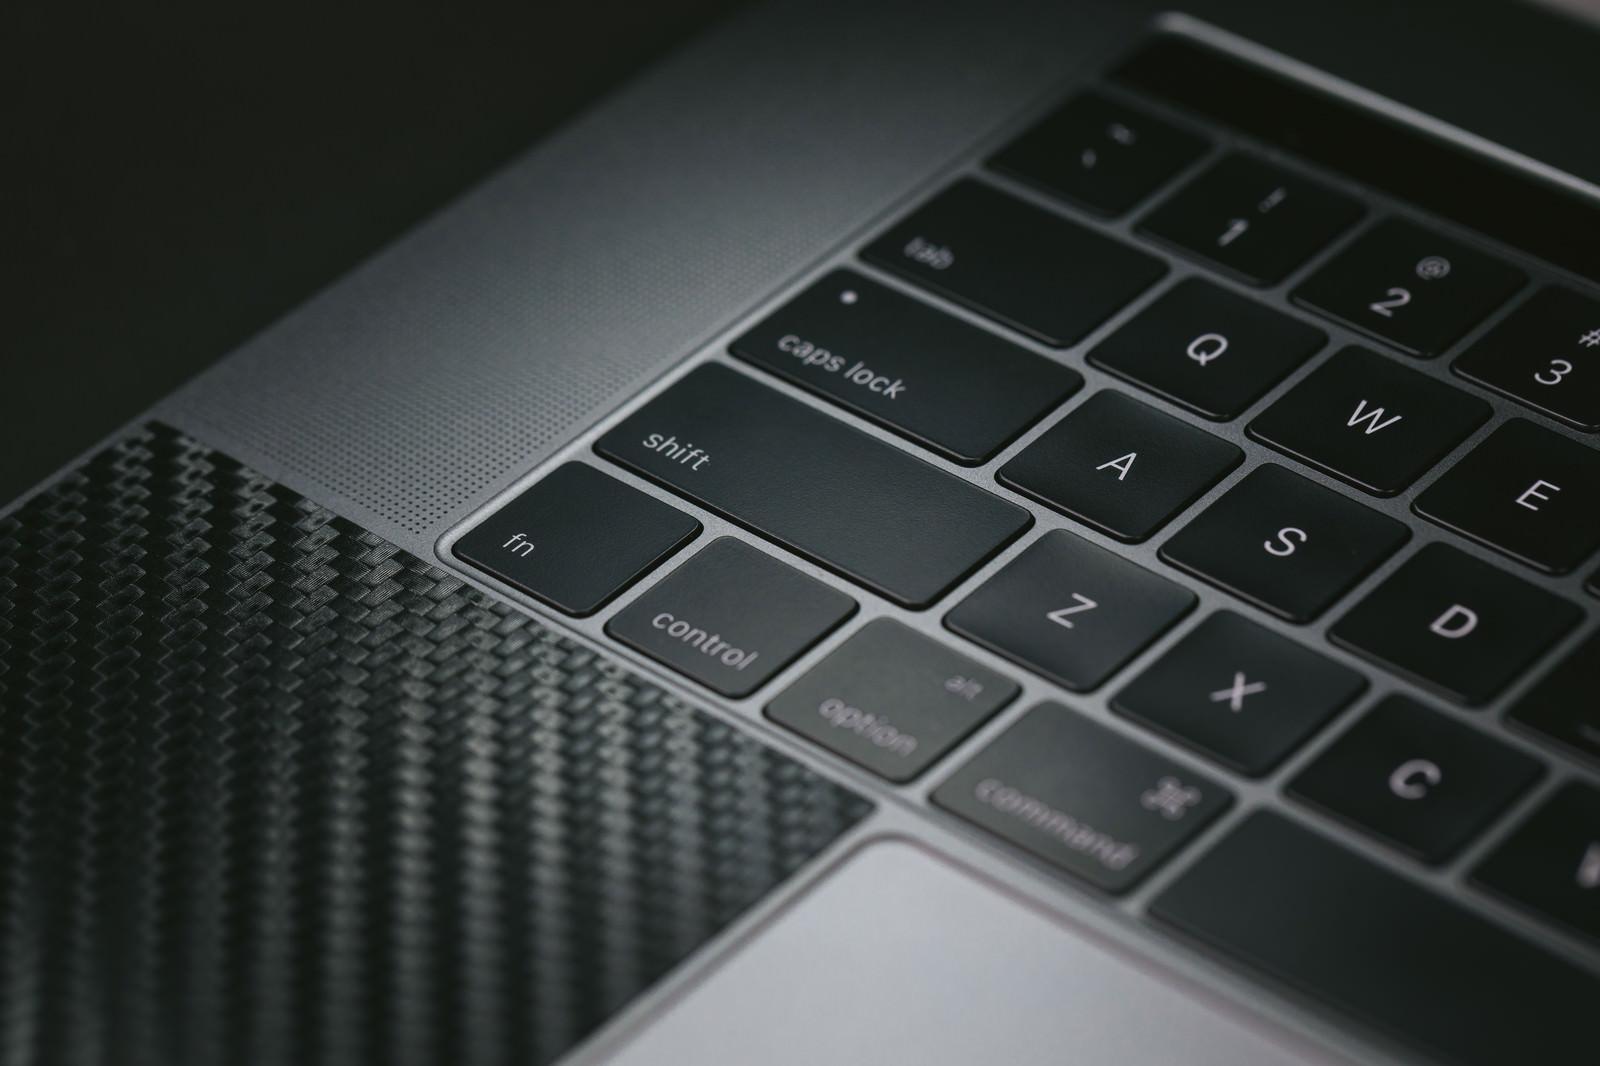 「ノートパソコンのキーボード | 写真の無料素材・フリー素材 - ぱくたそ」の写真